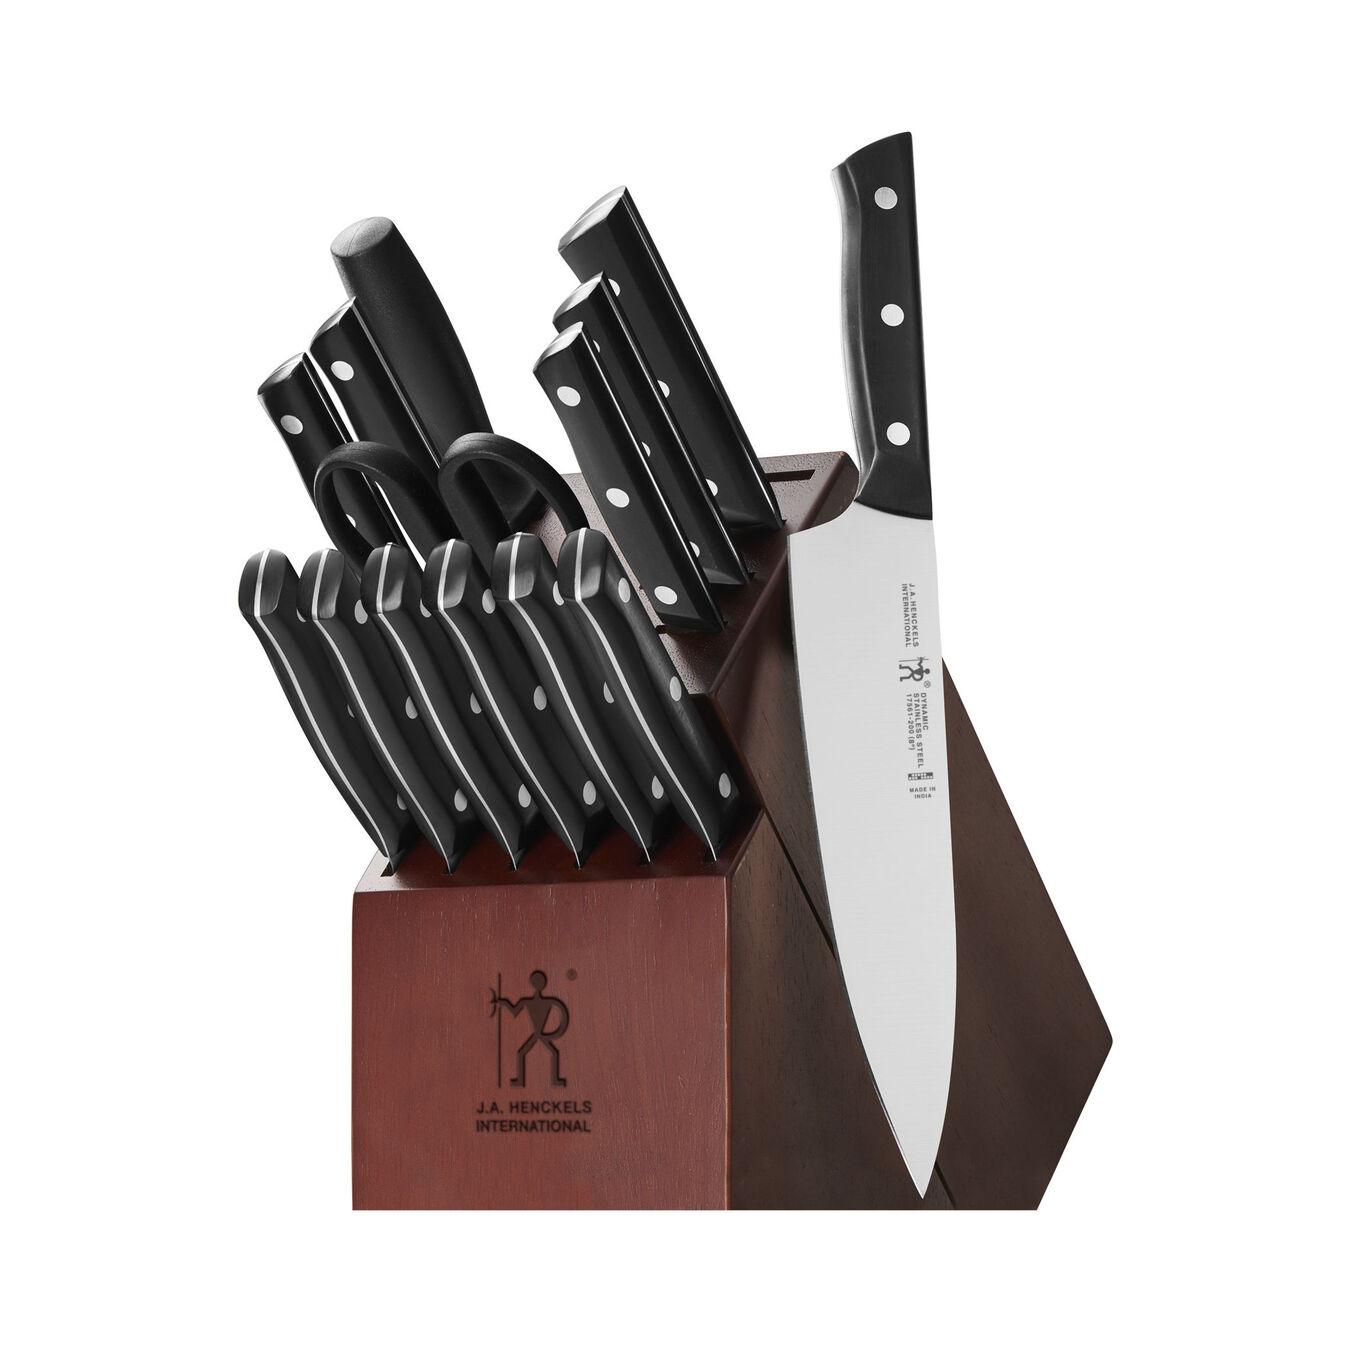 15-pc, Knife block set, brown,,large 1